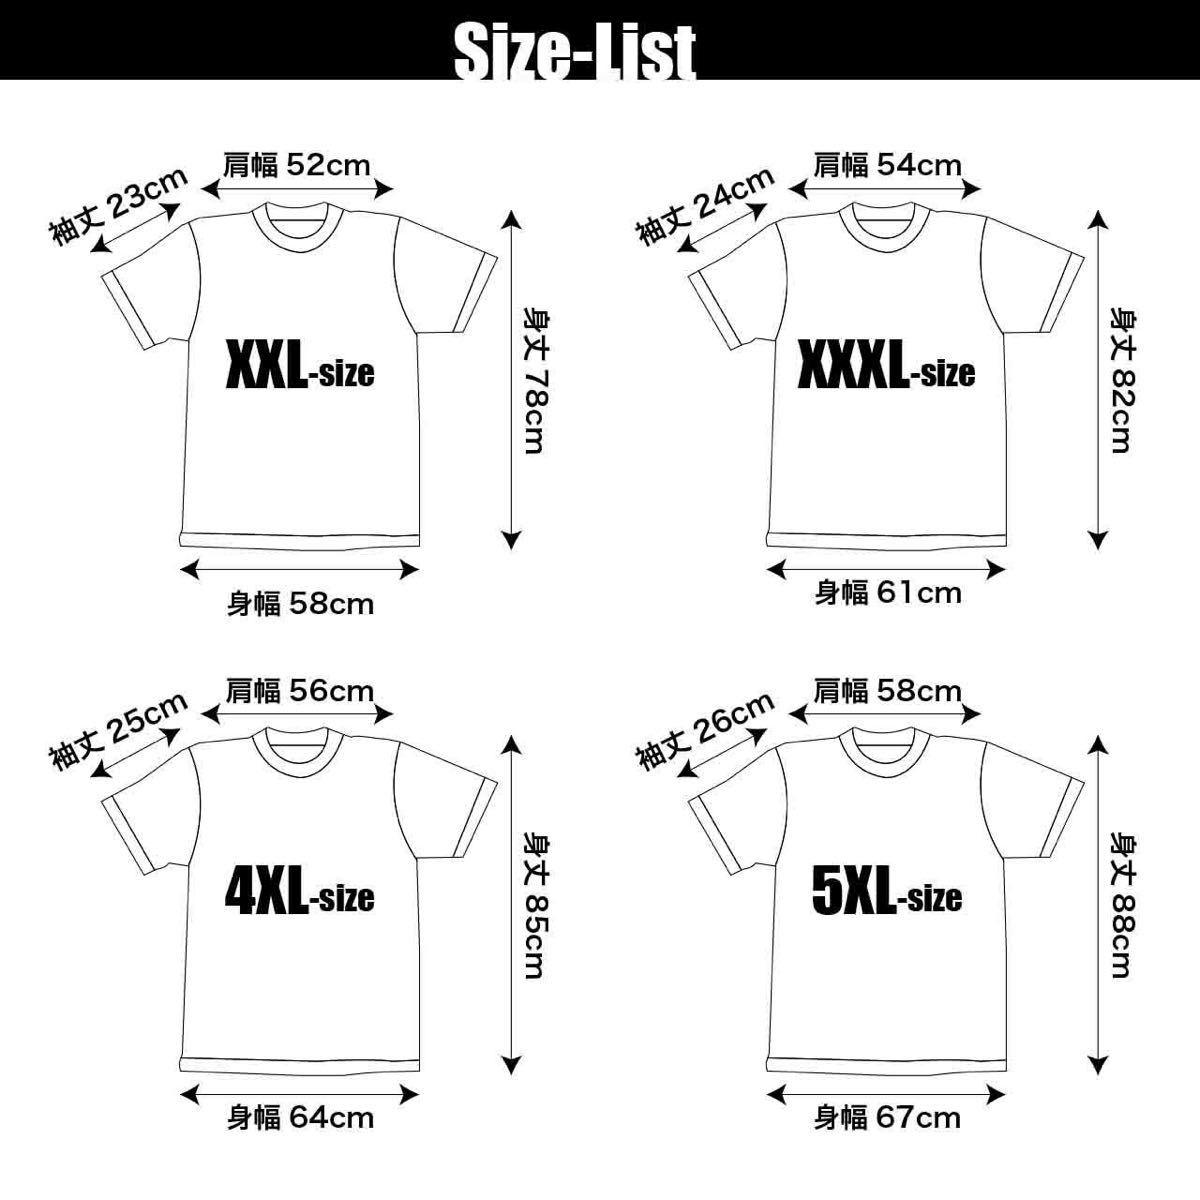 新品 NIRVANA ニルヴァーナ カートコバーン スマイリー グランジ バンド Tシャツ S M L XL ビッグ オーバー サイズ XXL~5XL 黒 パーカー 可_画像5